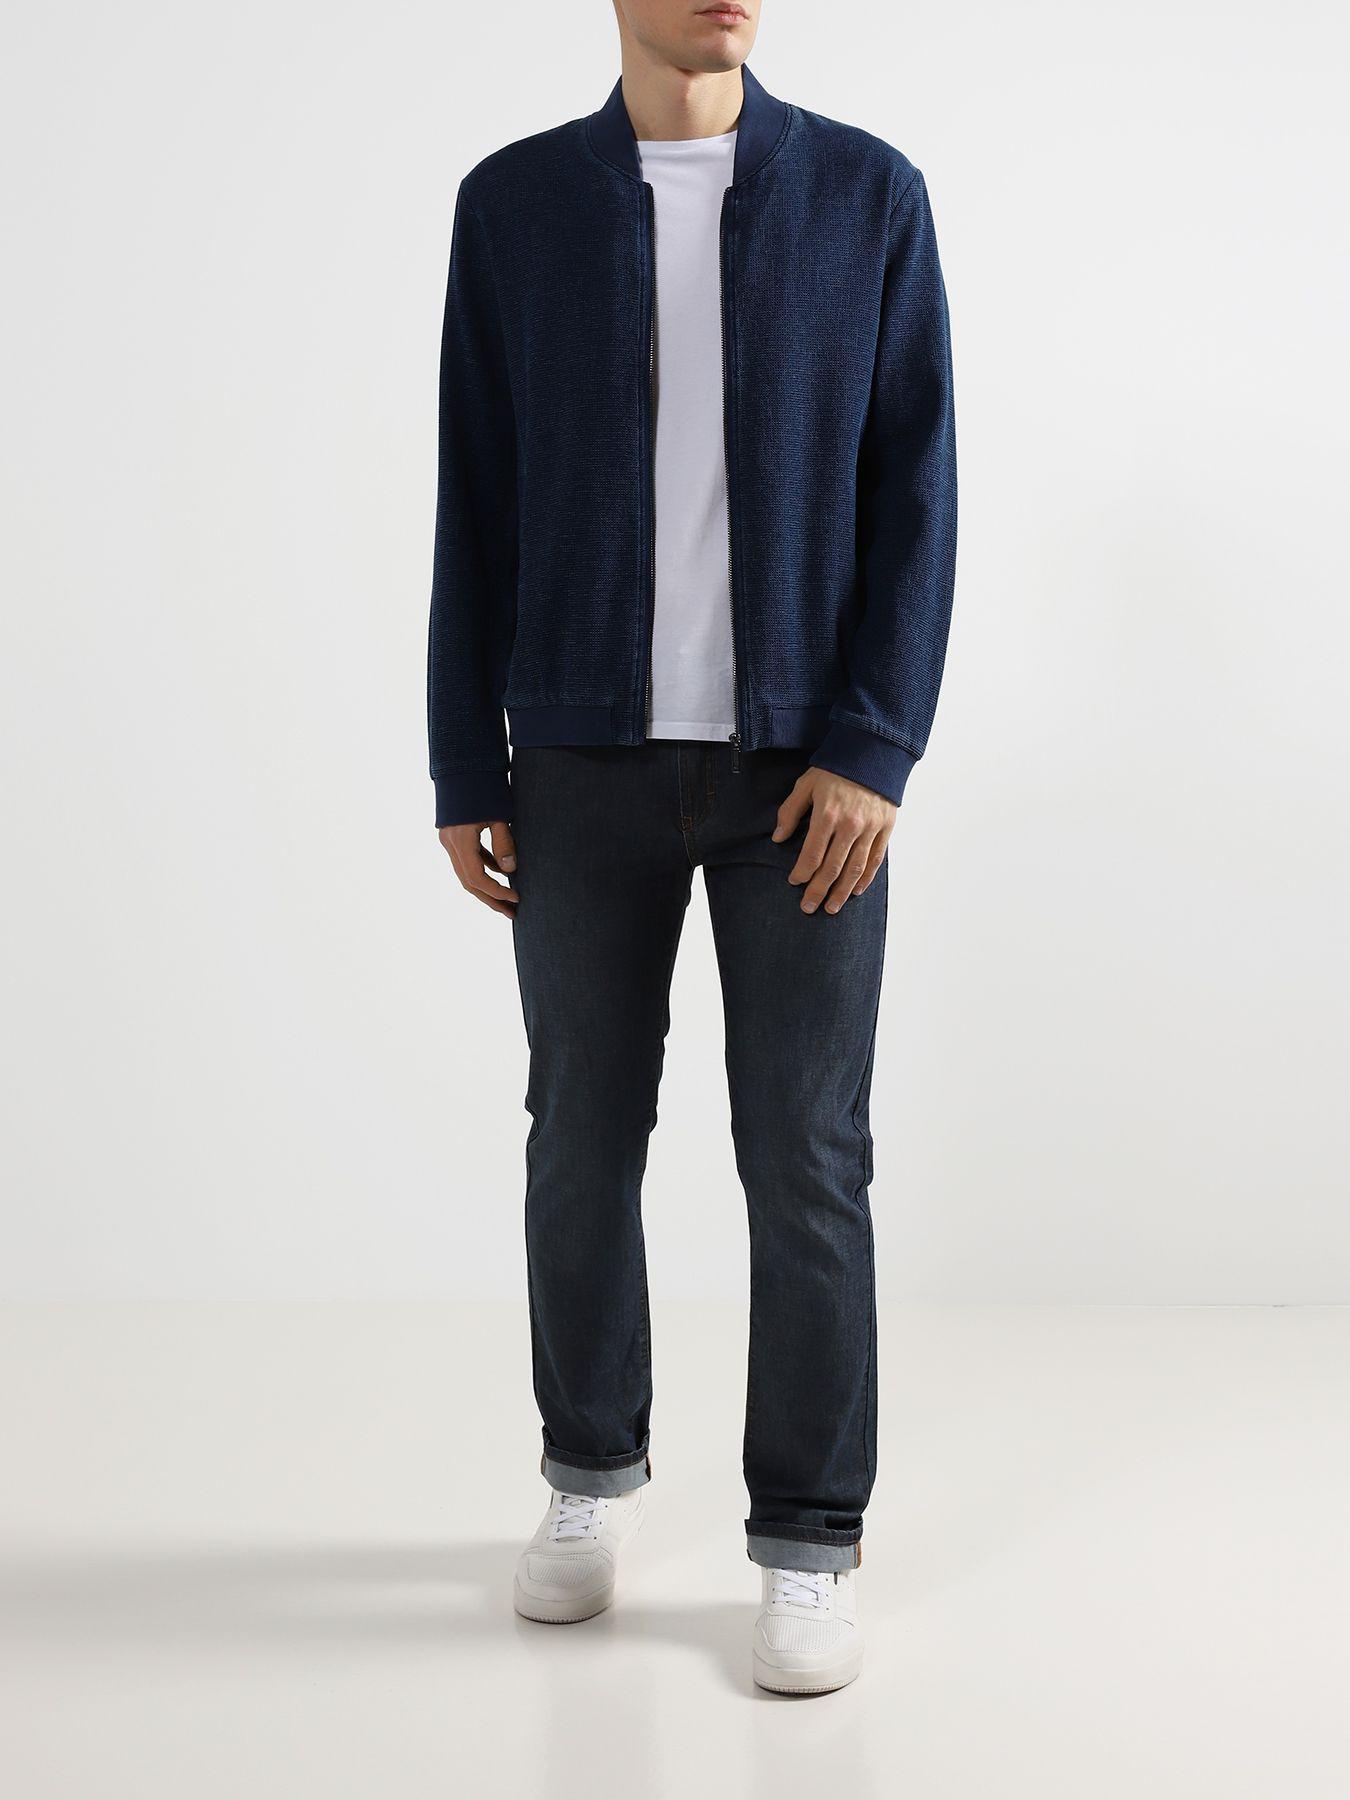 Куртка Alessandro Manzoni Jeans Джинсовый бомбер